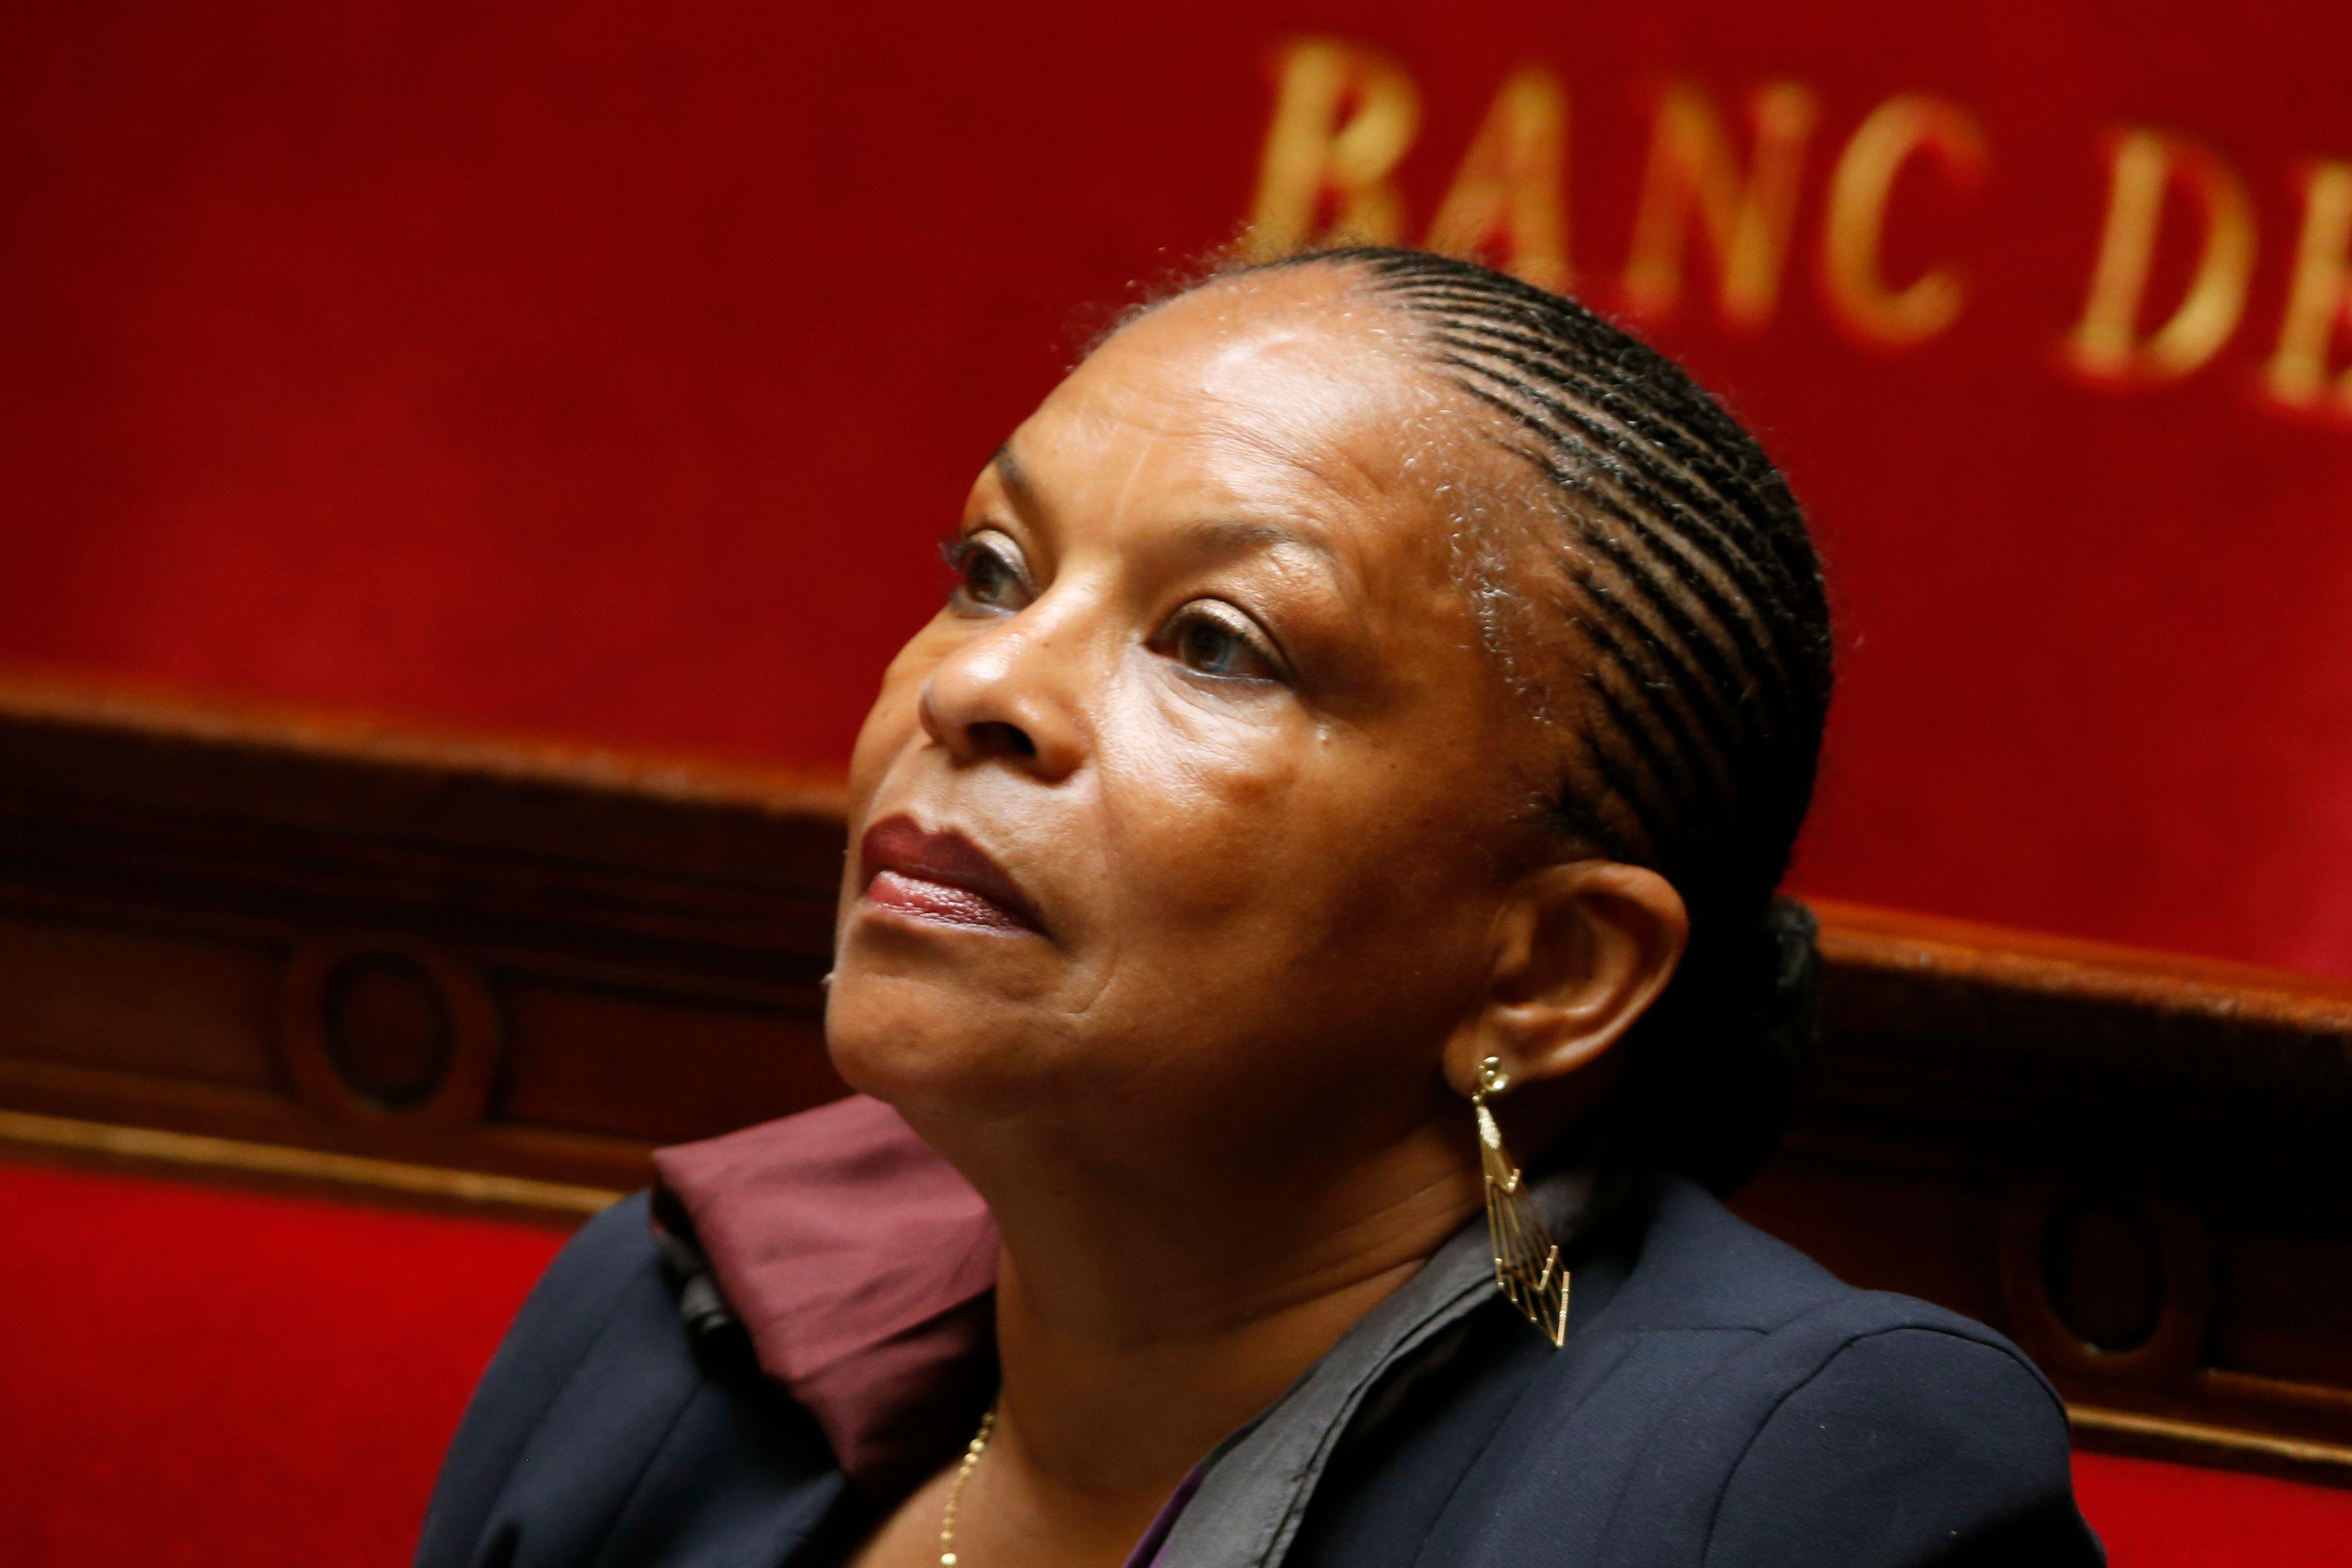 Christiane Taubira à l'heure du bilan: une haute opinion de soi maisune justice en déshérence